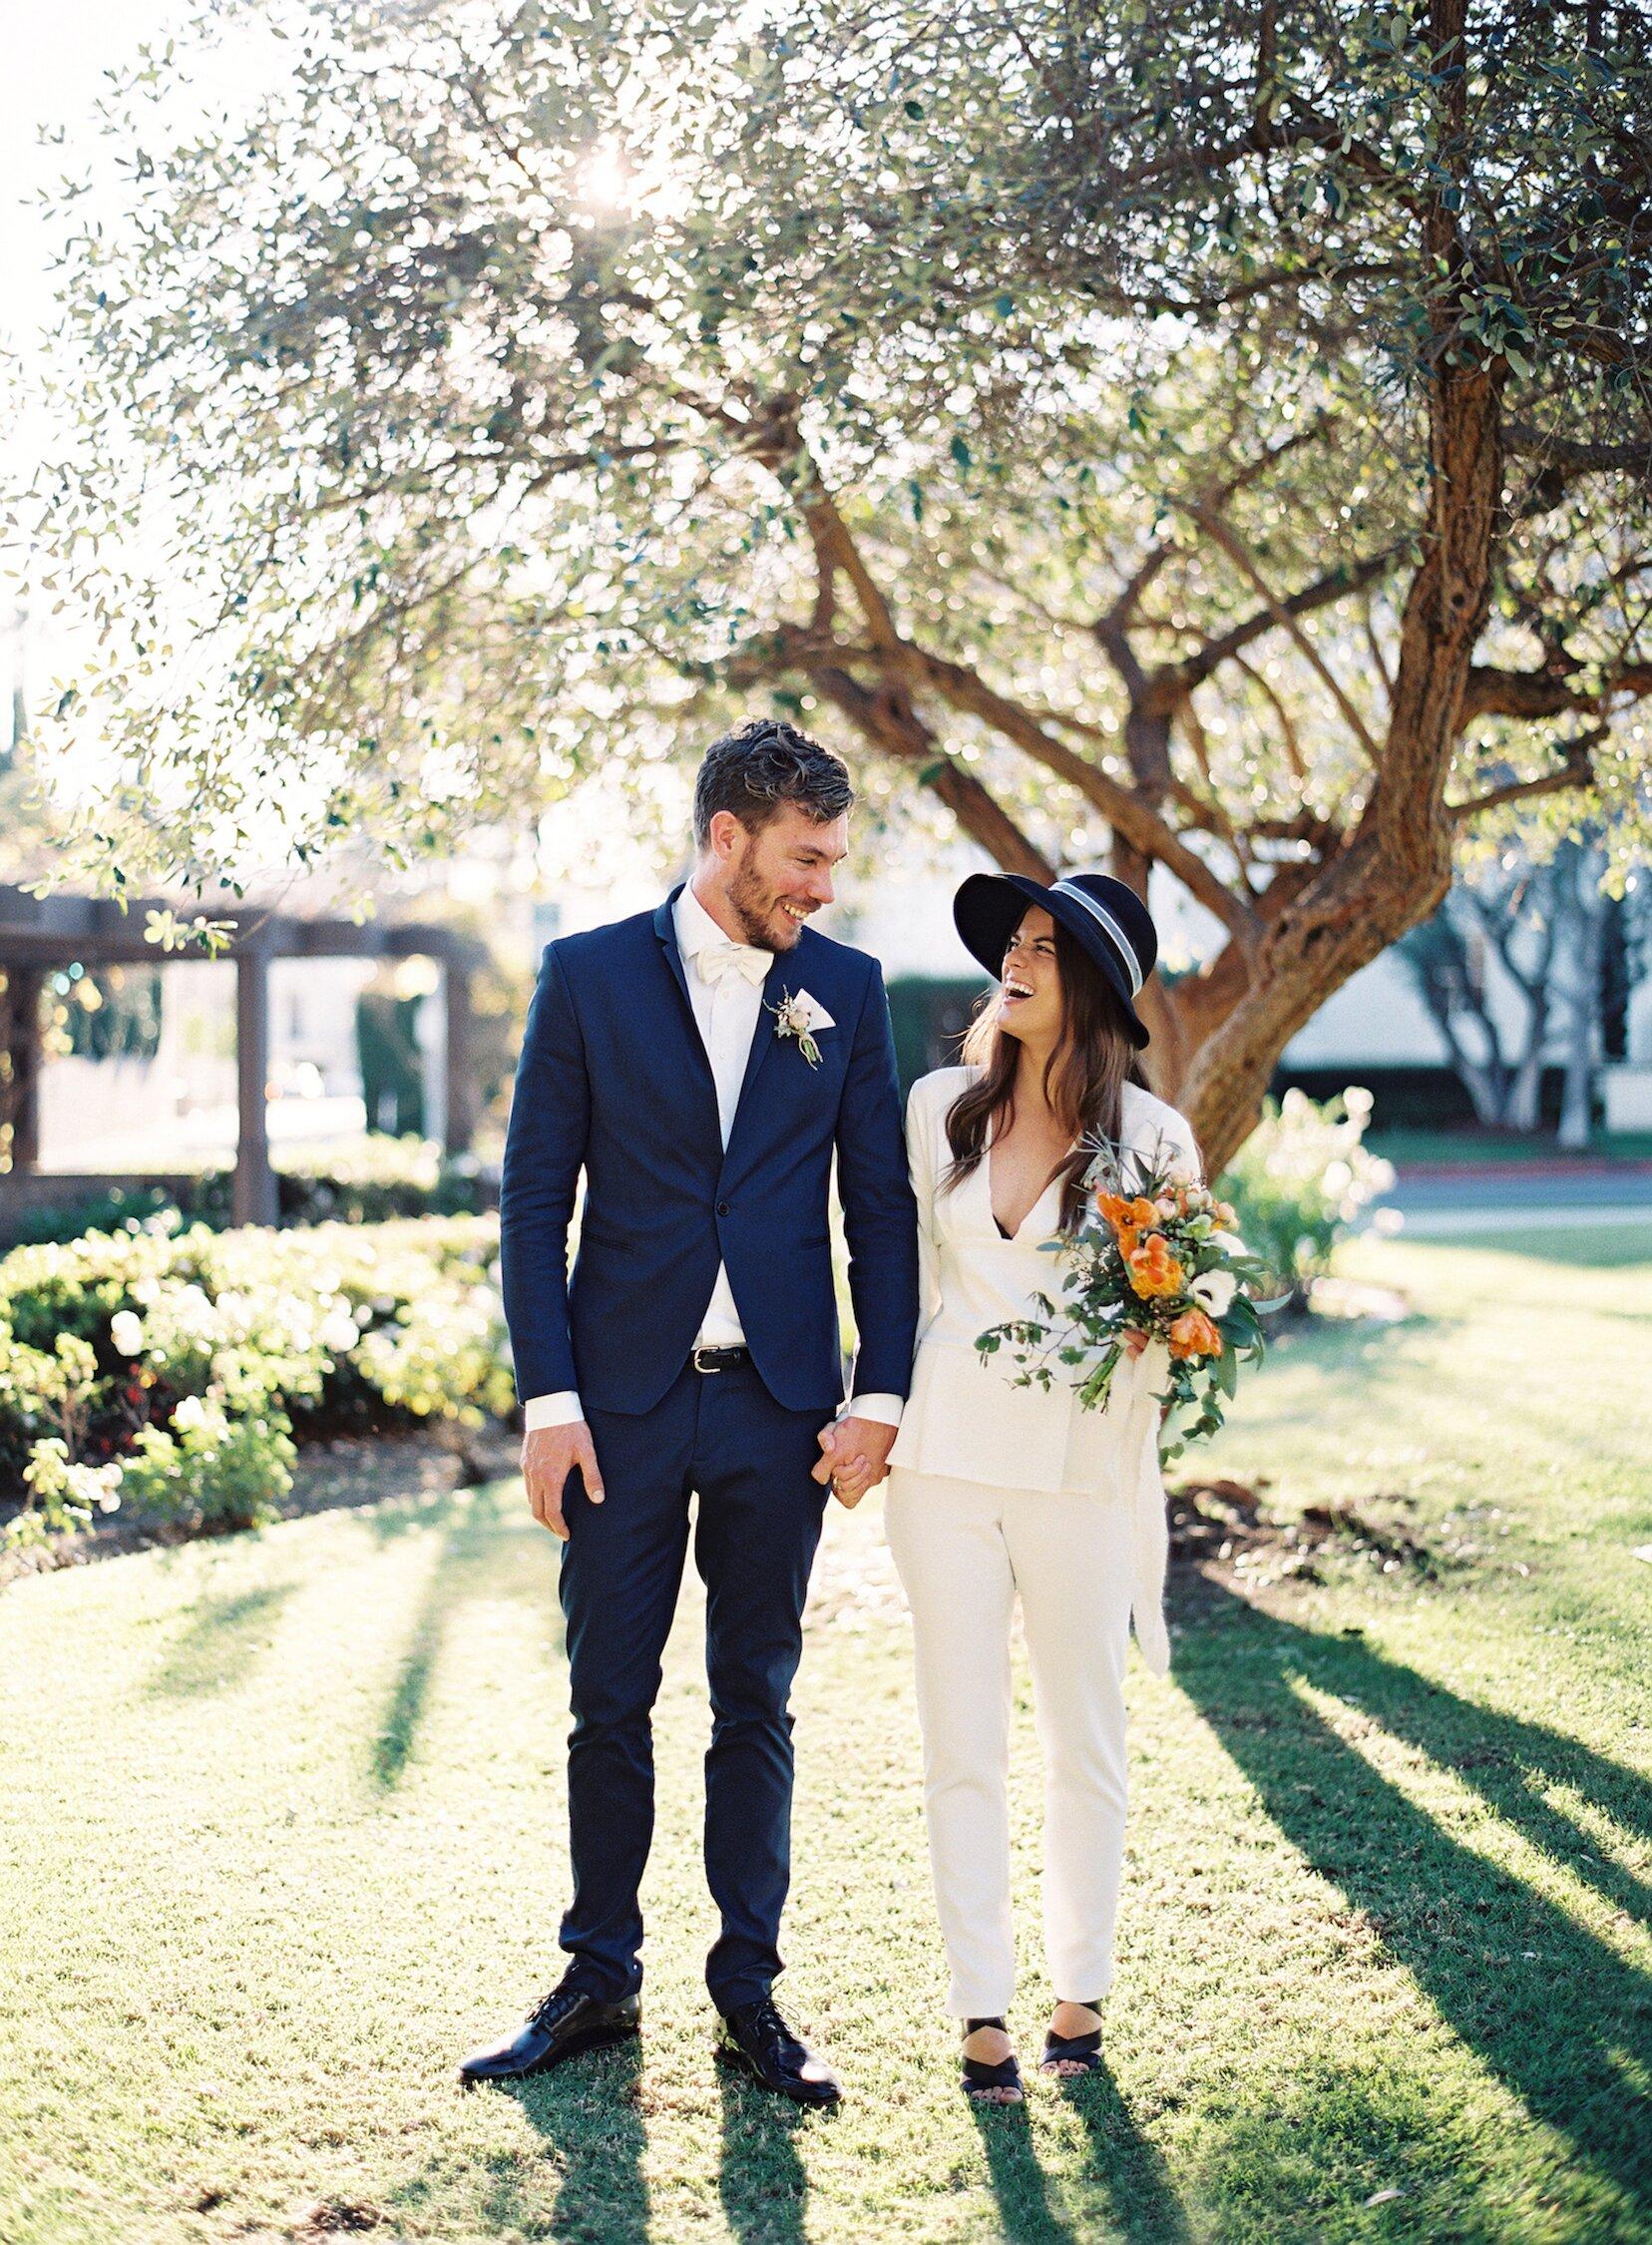 Pantsuit ウエディング 結婚式 パンツドレス パンツスーツ